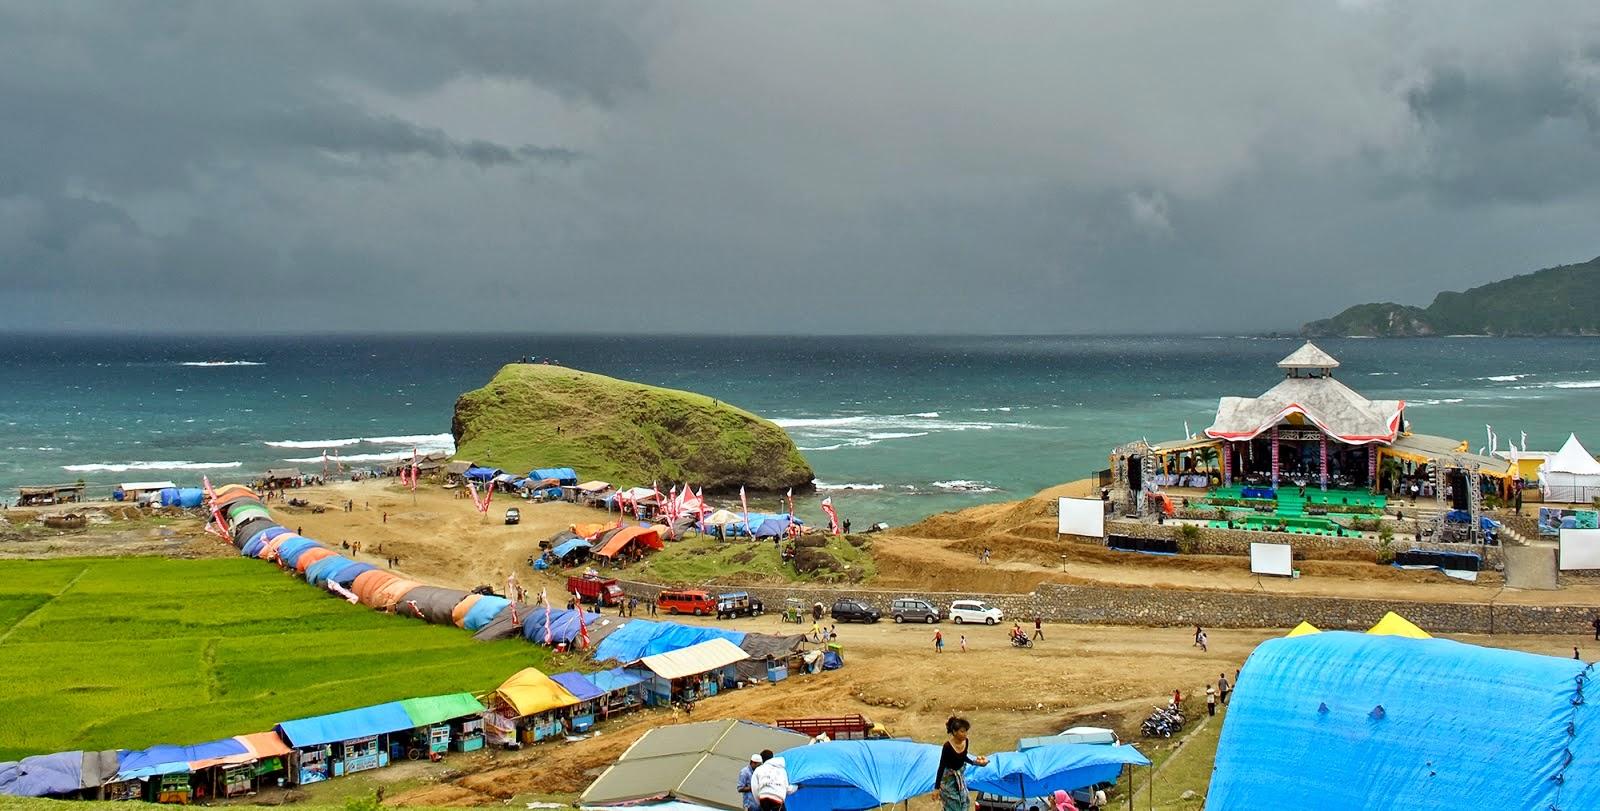 Bau nyale di Pantai Seger Kuta Lombok